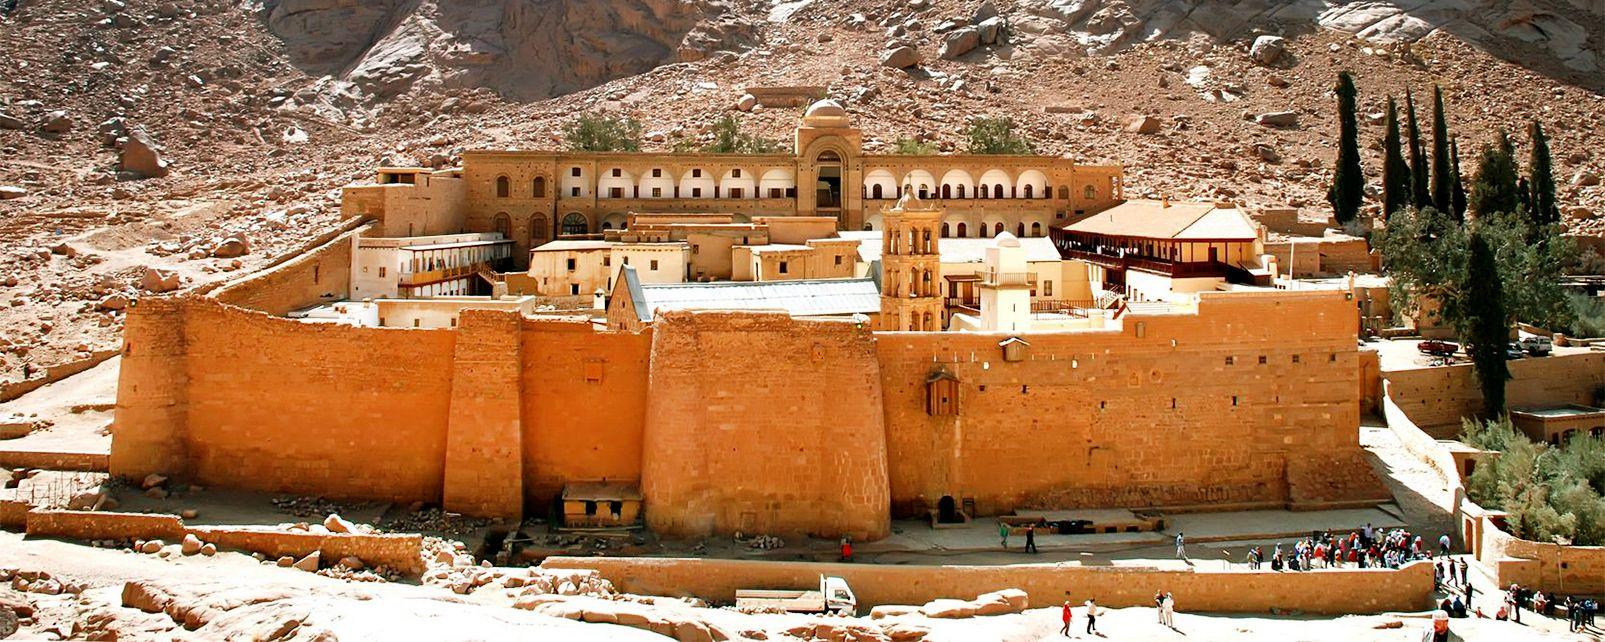 Les sites, sainte-catherine, monastère, orthodoxe, christianisme, religion, egypte, afrique, moyen-orient, sinaï, moïse, mont